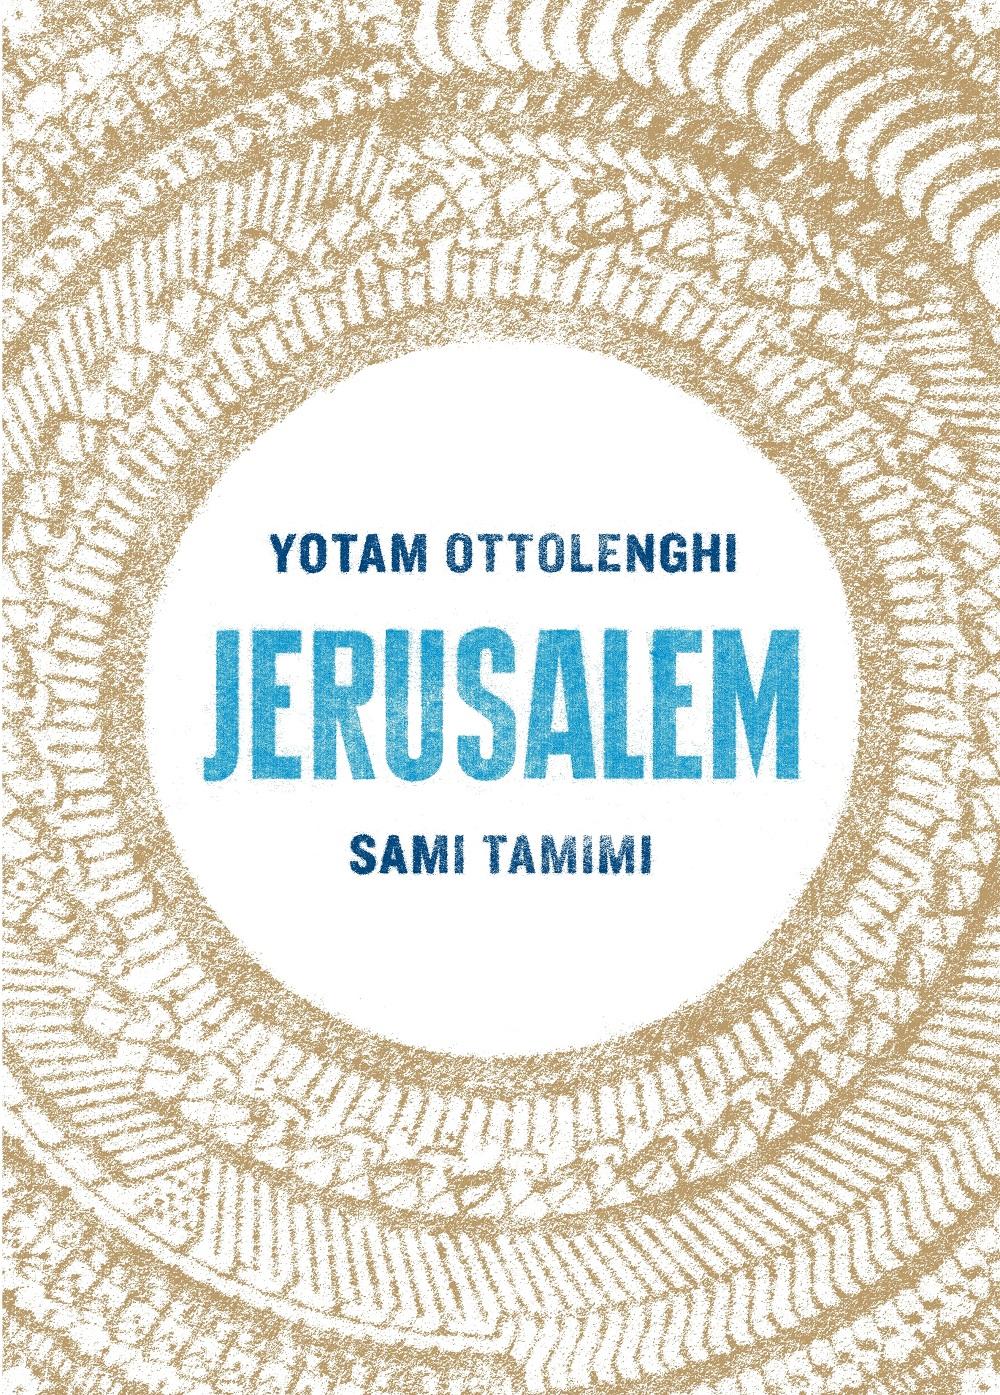 Jerusalem - Yotam Ottolenghi og Sami Tamimi